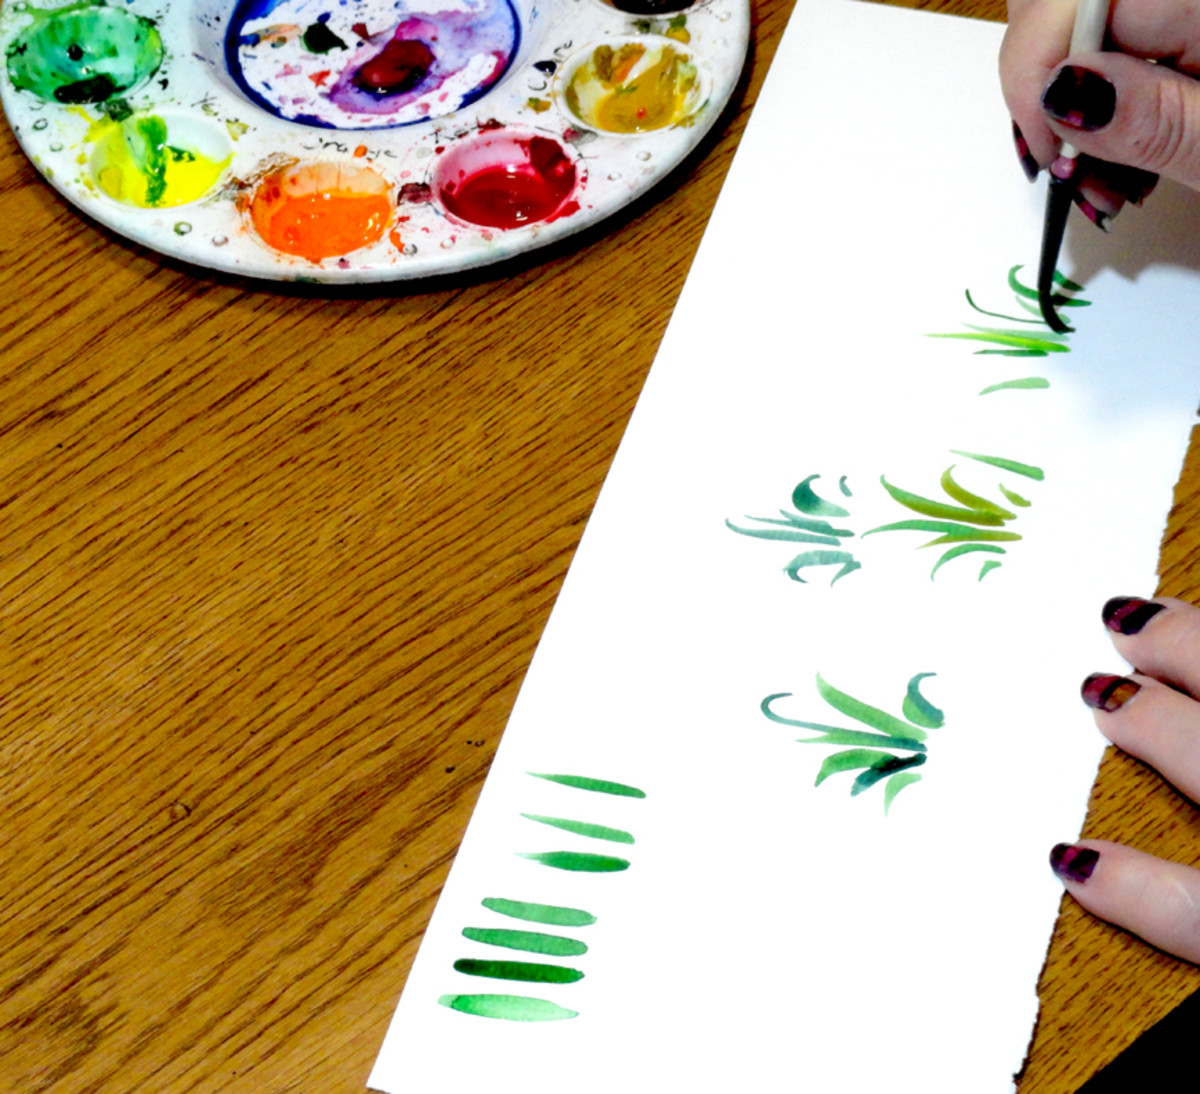 basic-watercolor-techniques-explained